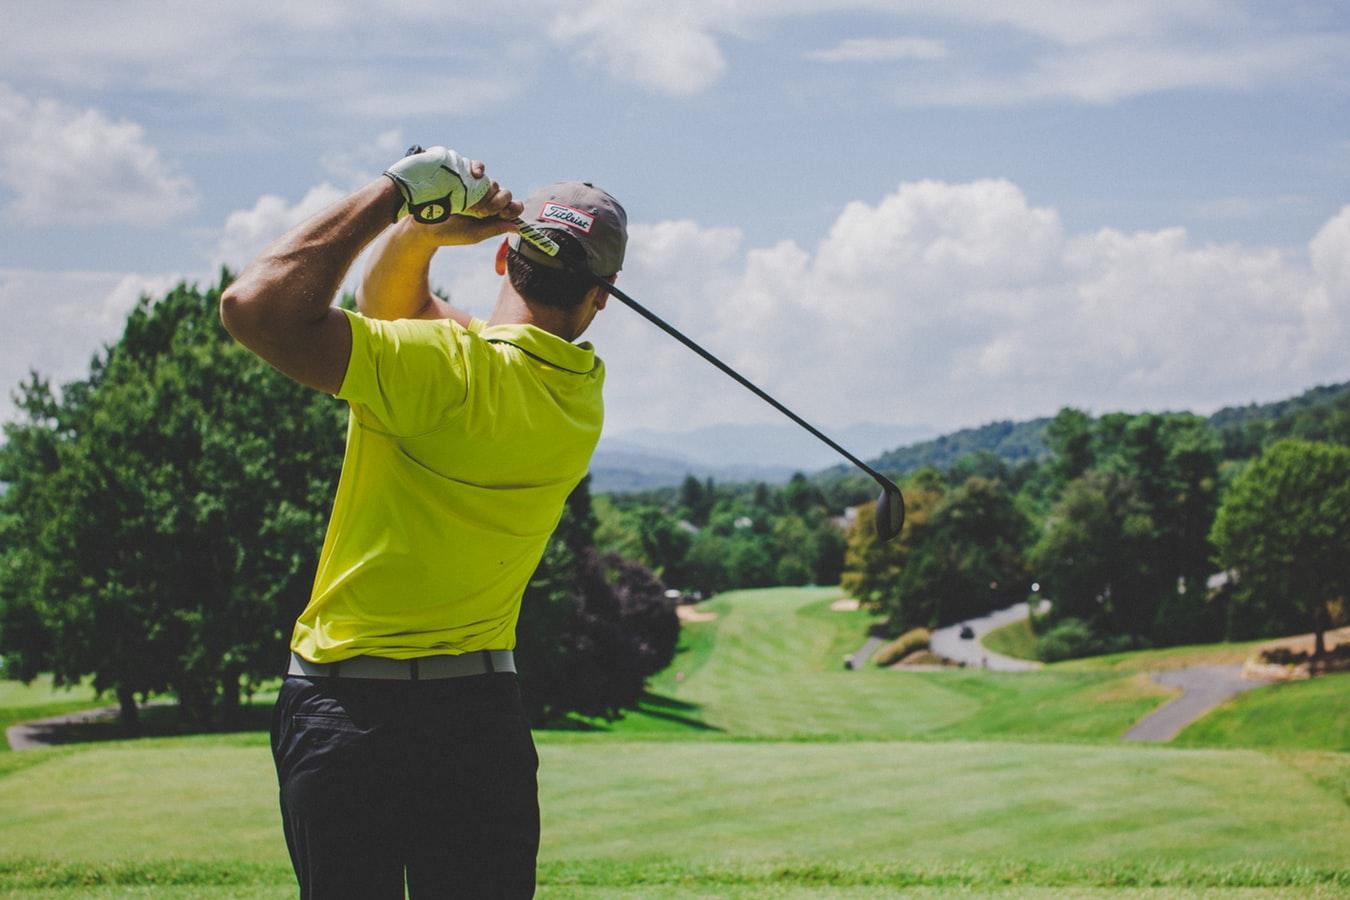 #Golf: Ben Hogan's Secret Swing